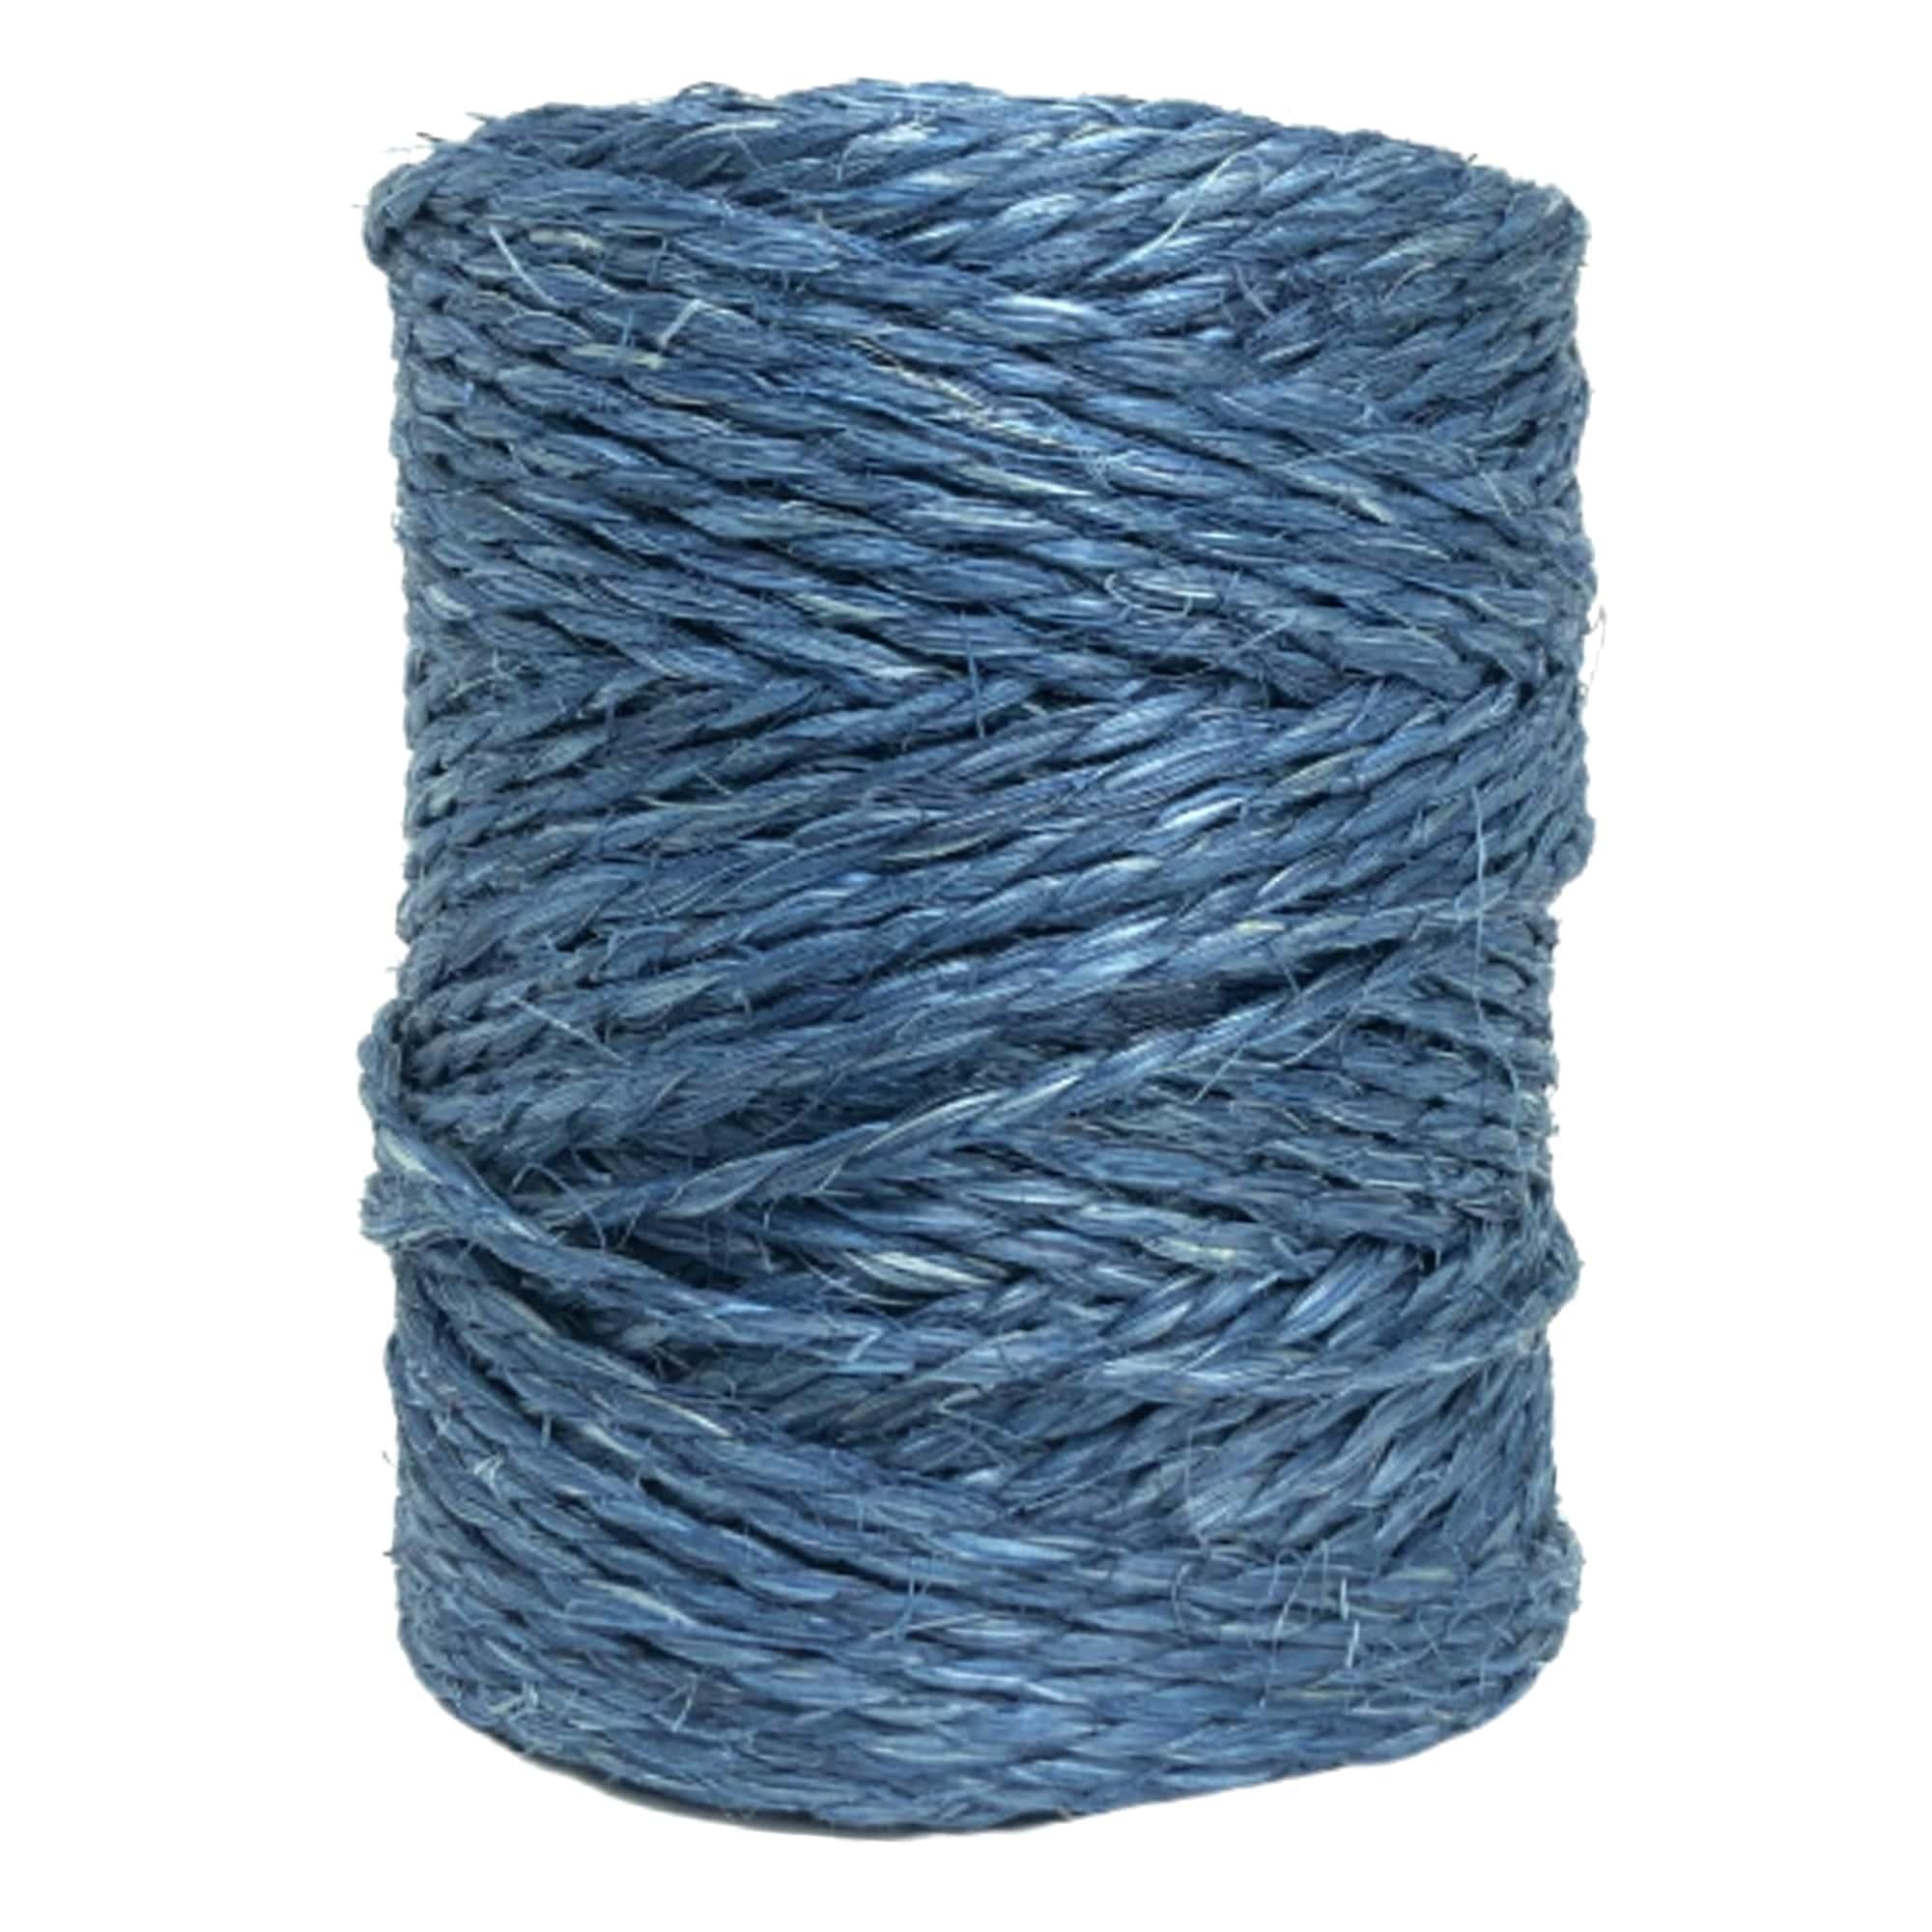 Fio De Sisal Colorido Blue - Rolo Com Aprox 850 M - Aprox 2,5 Kg